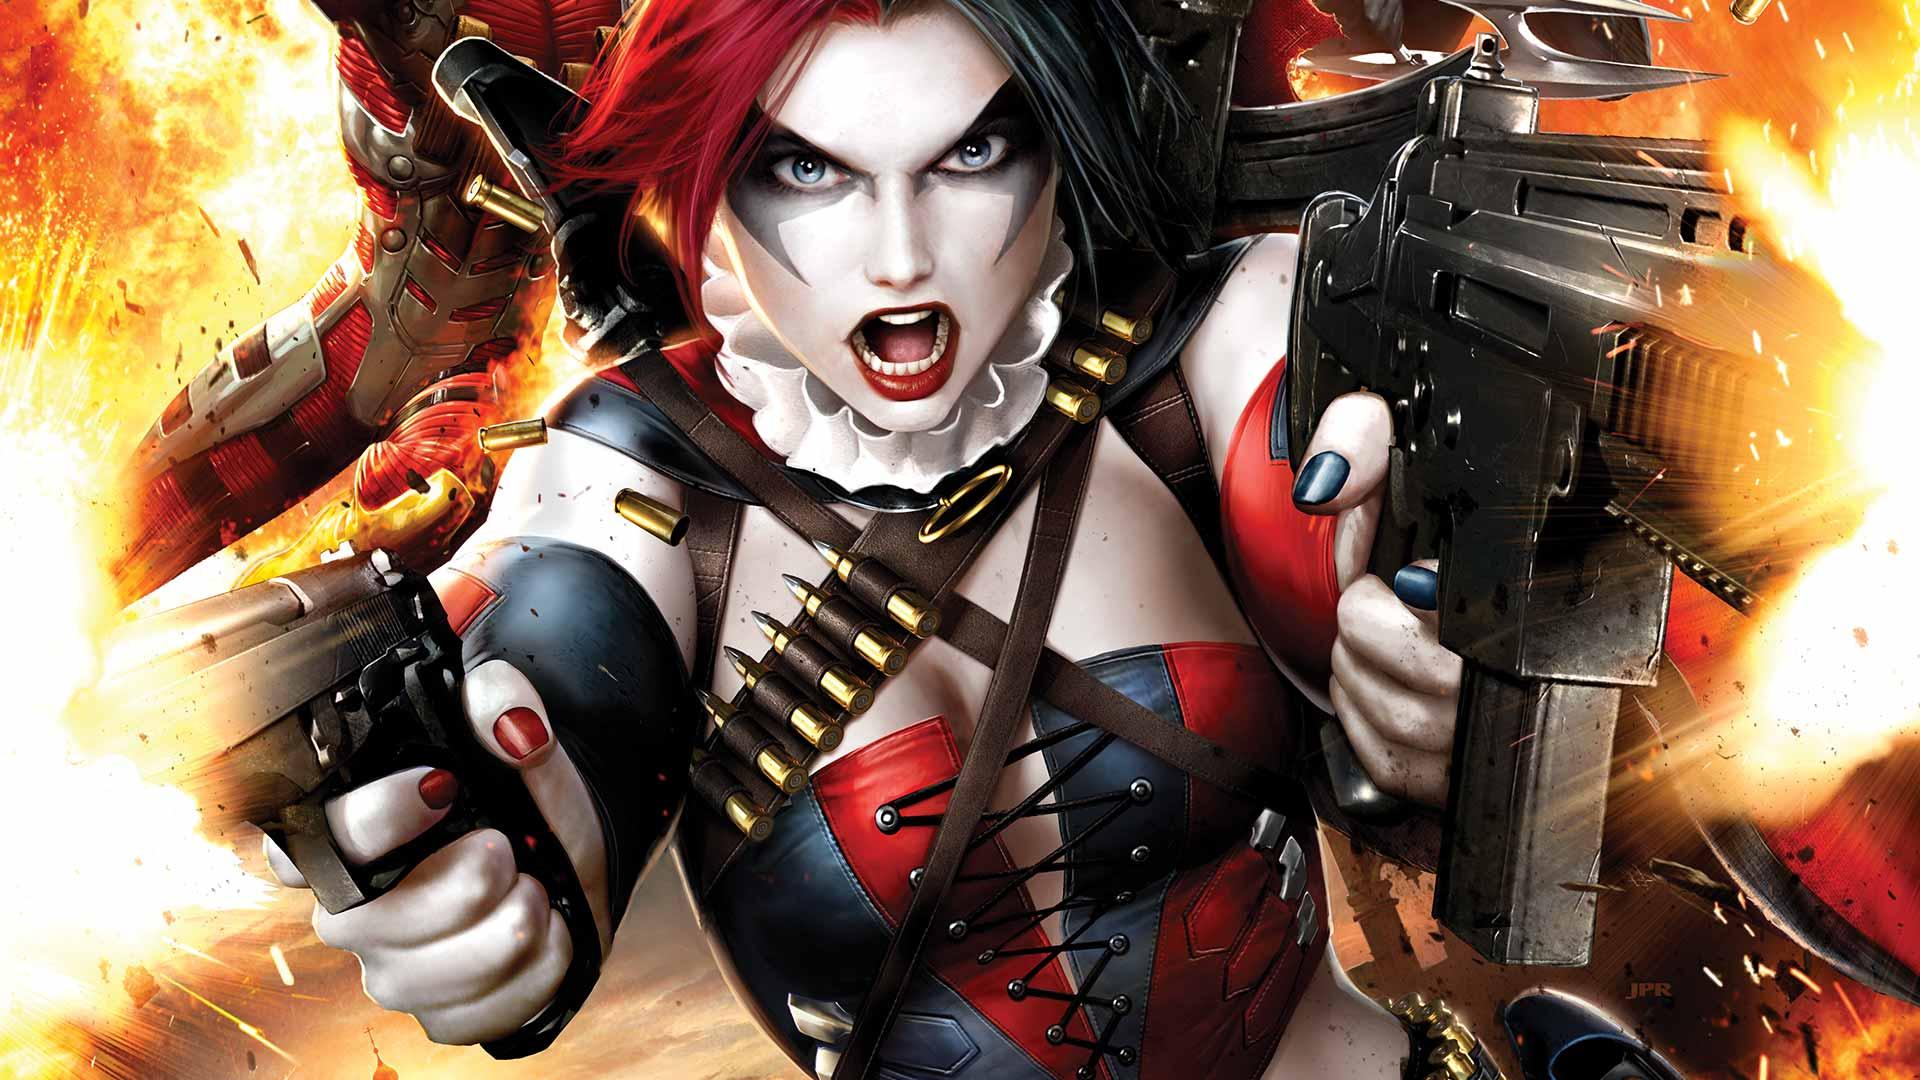 https://www.cultture.com/68747-las-5-mejores-historias-de-deadpool-masacre-en-los-comics